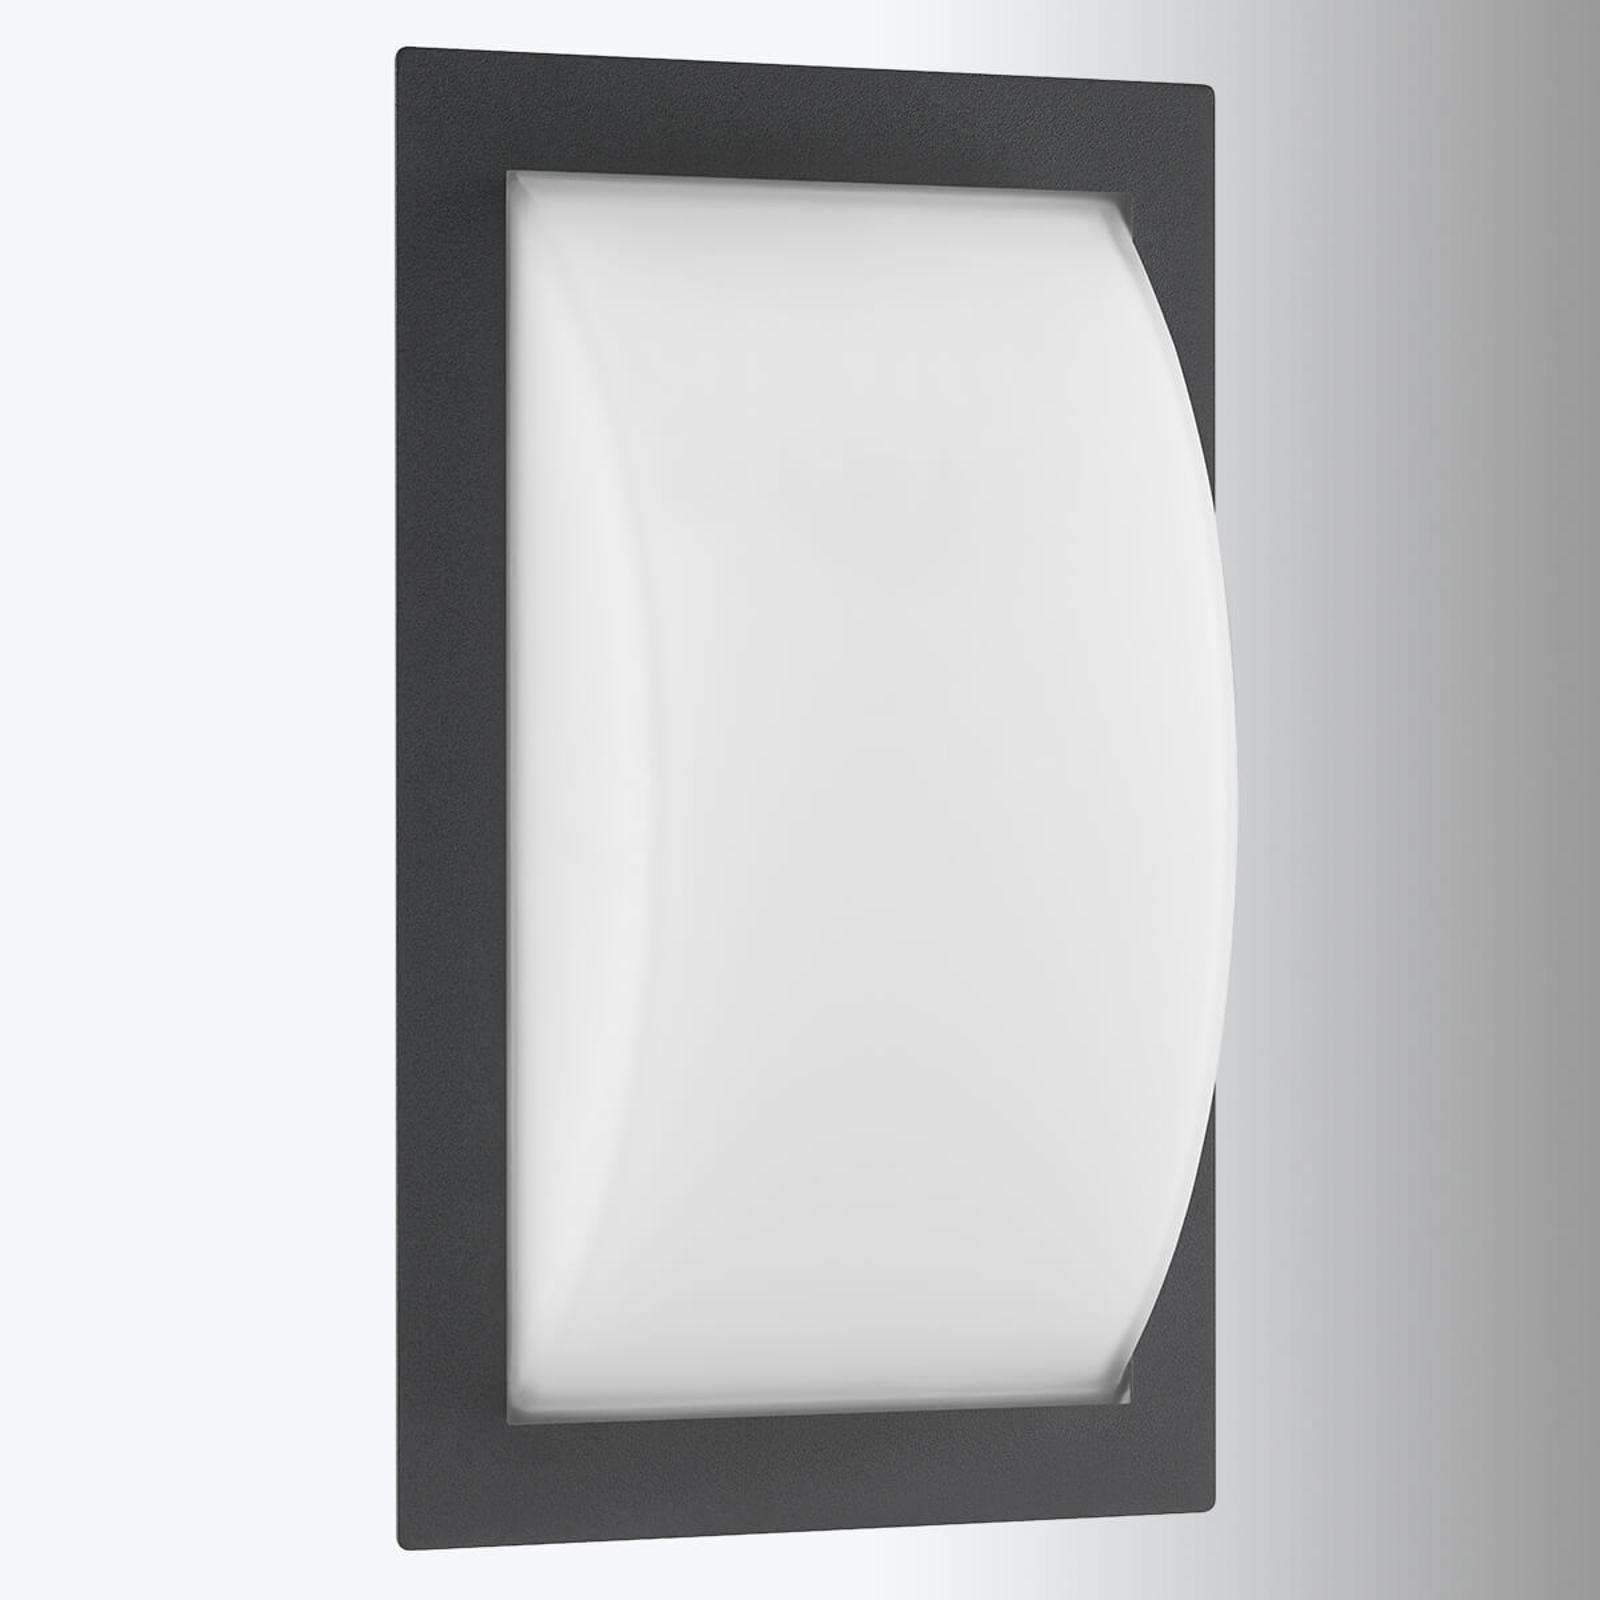 LED buitenwandlamp Ivett in grafiet